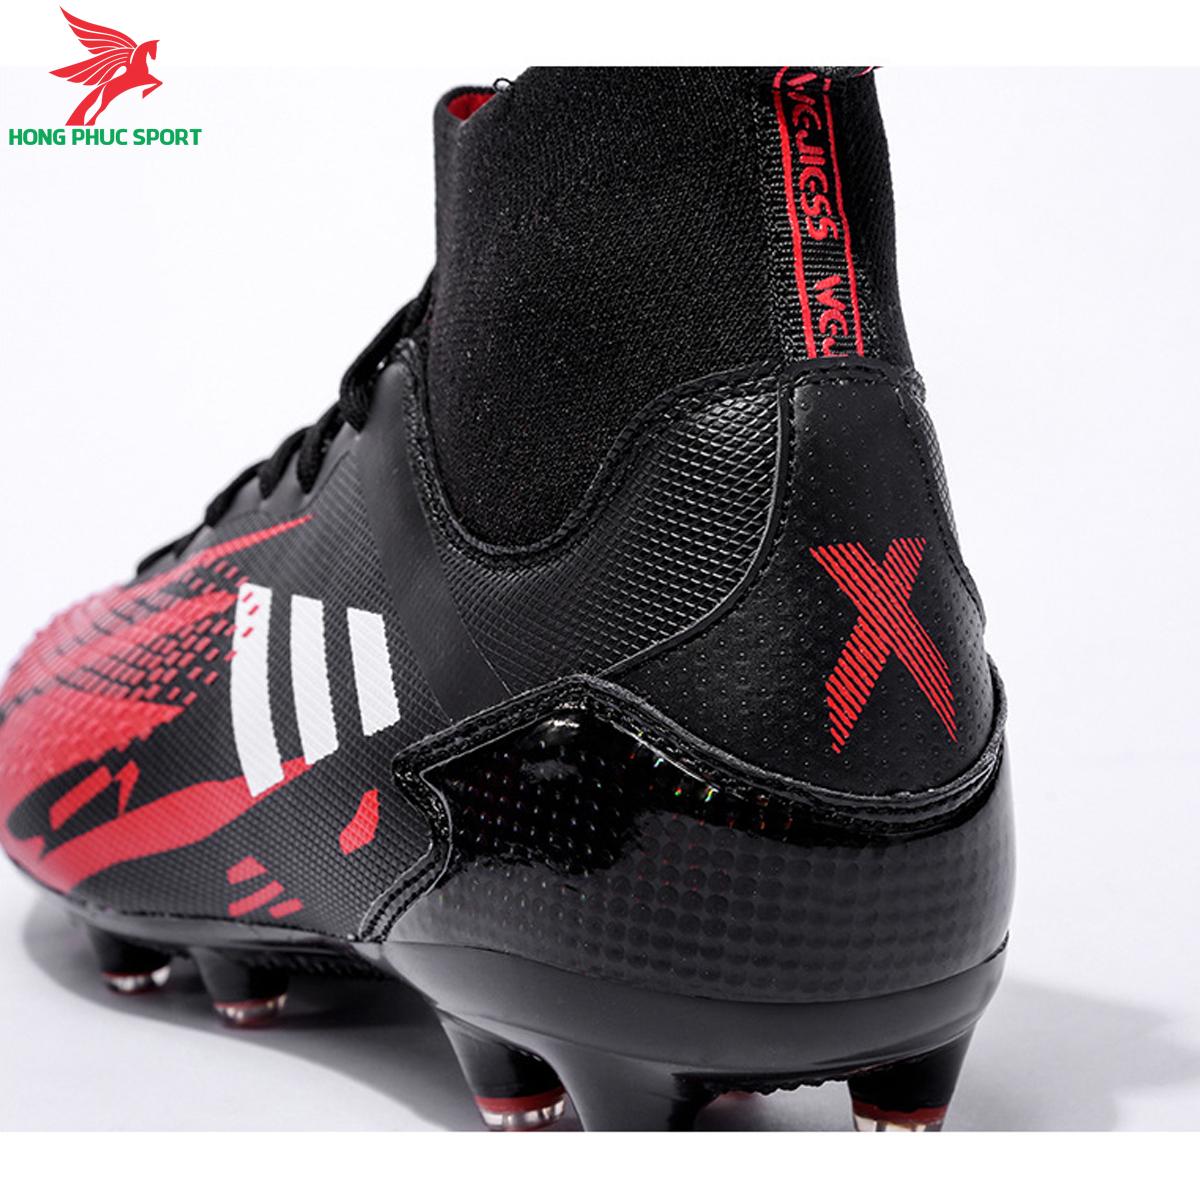 Giày đá banh cố cao Predator 20.3 đế FG màu đỏ đen (4)